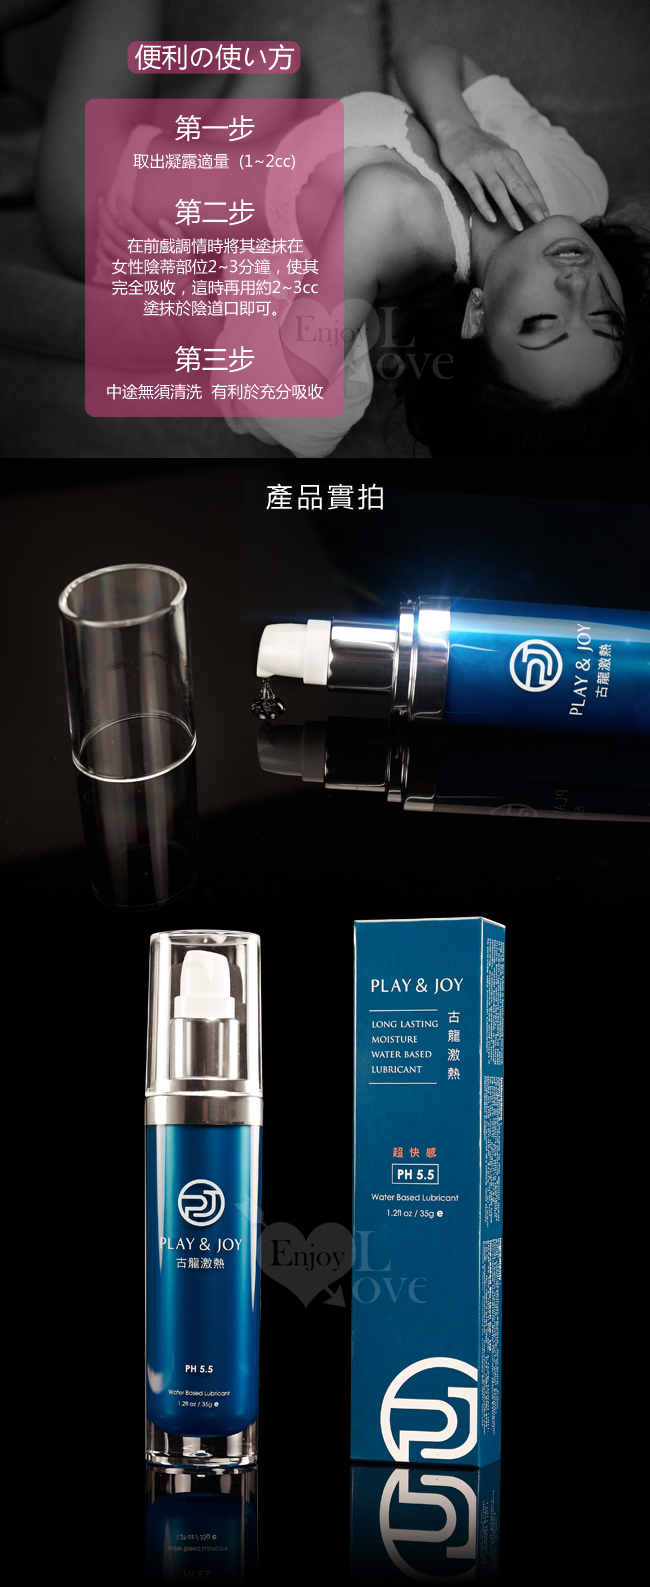 台灣製造 Play&Joy狂潮‧女性專用 - 性激熱加強液 35g﹝站長強力推薦﹞